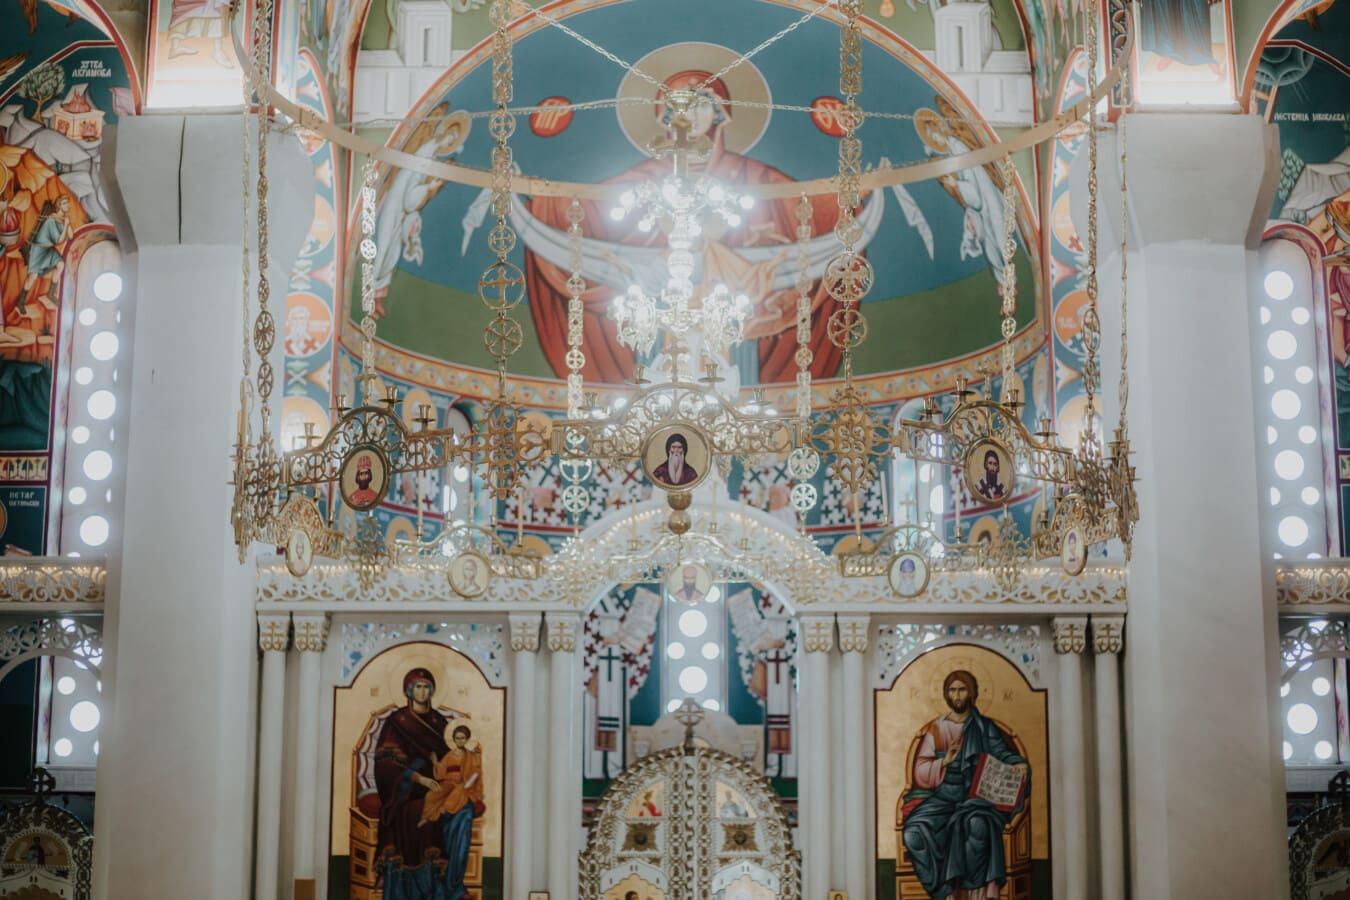 goldener Glanz, Kronleuchter, orthodoxe, Byzantinische, Interieur-design, Kirche, Heilige, Göttin, Bildende Kunst, Altar